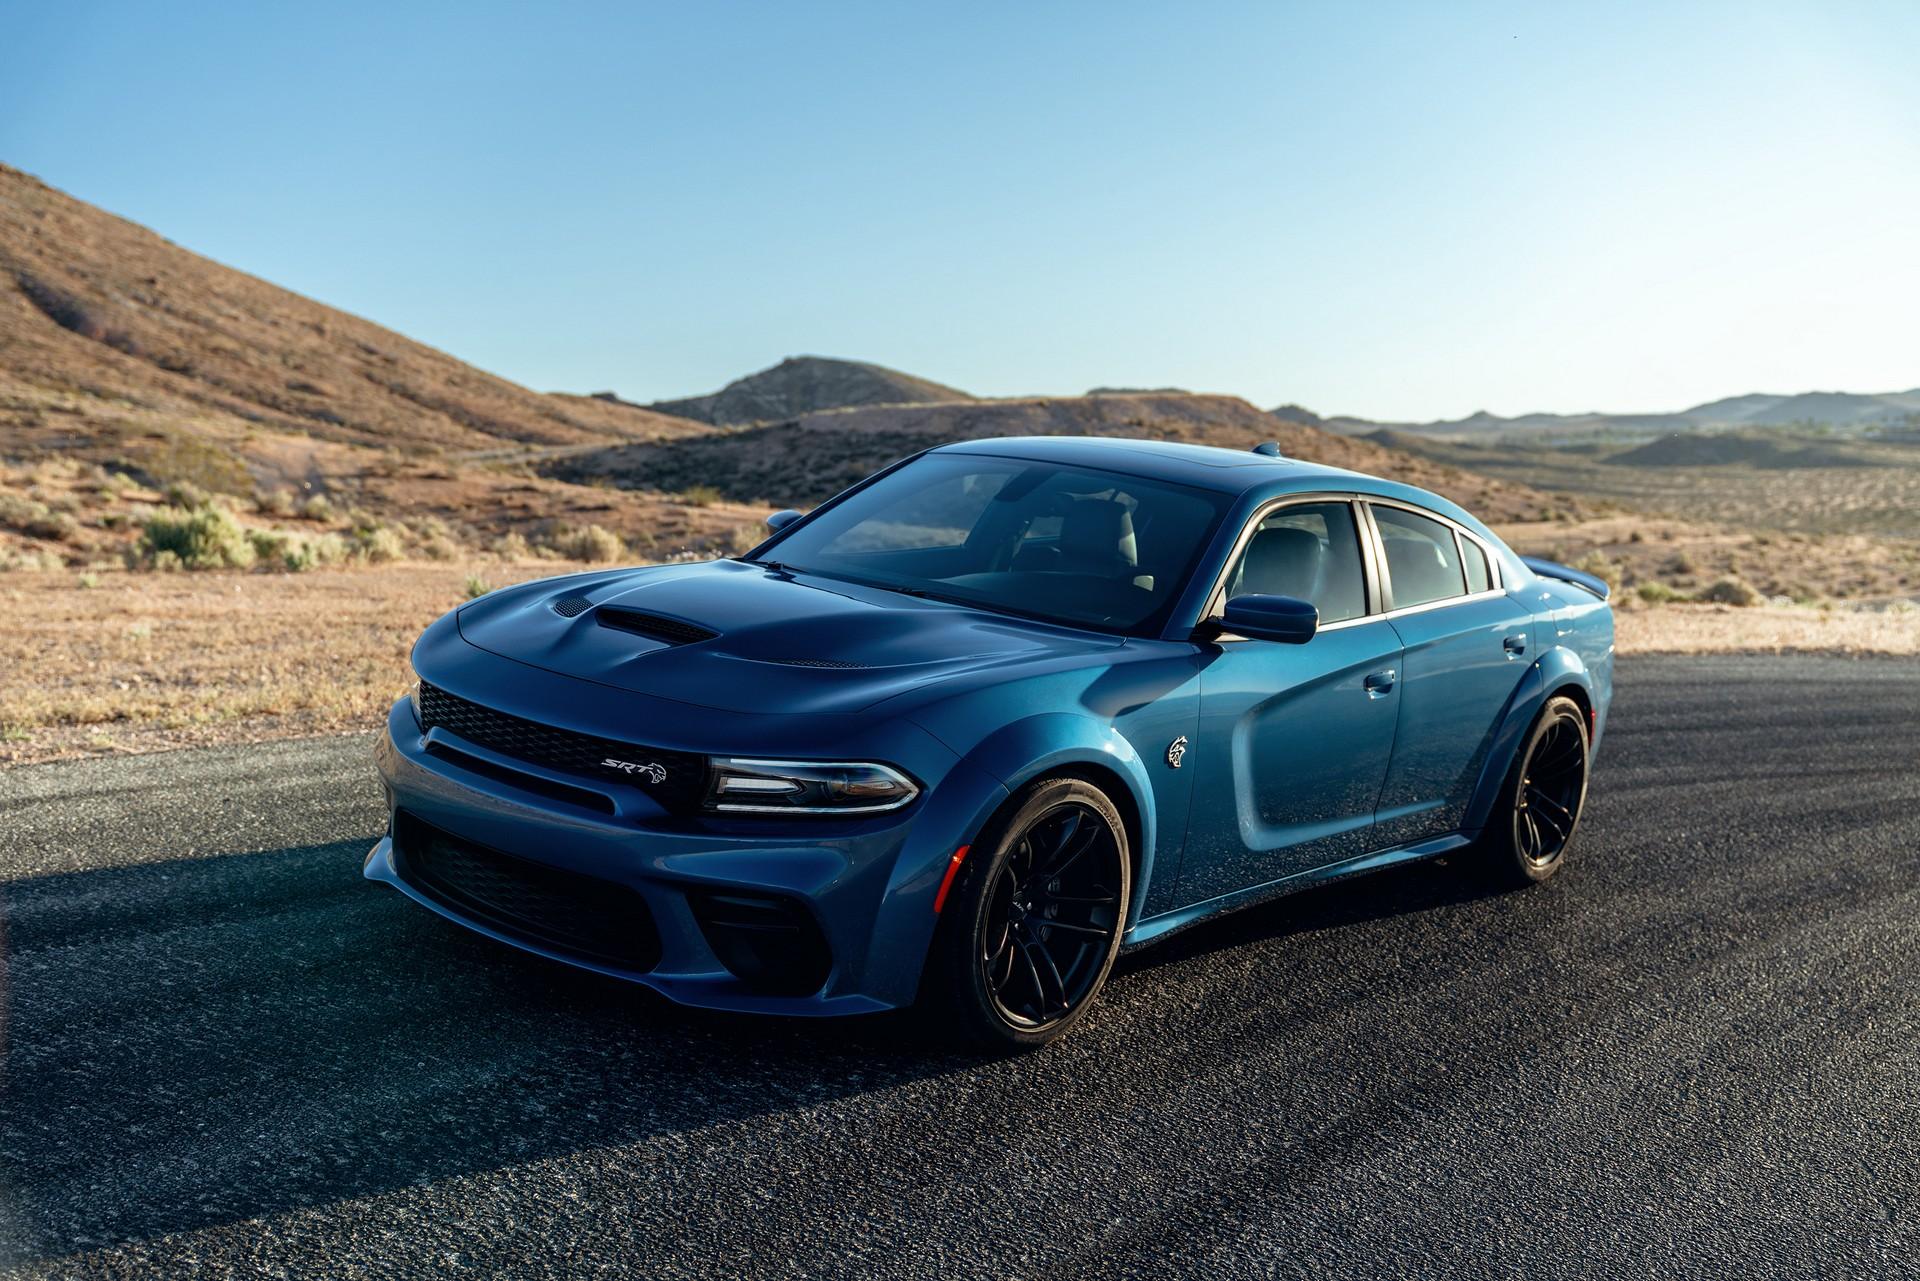 2020 Dodge Charger Srt 8 Wallpaper